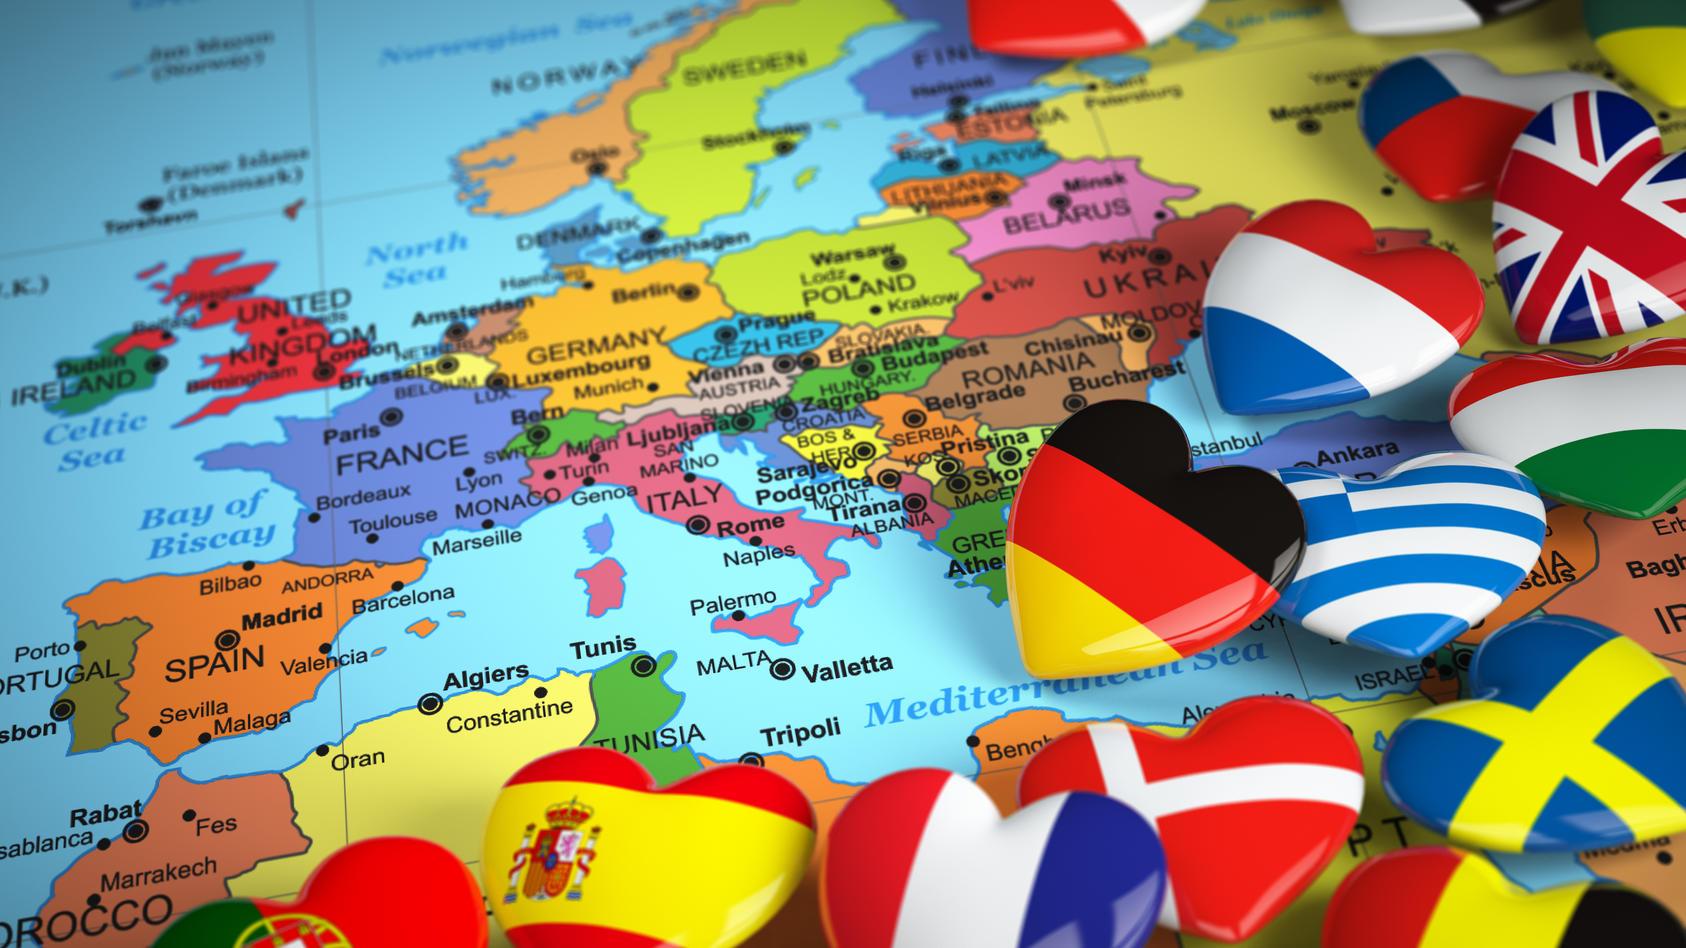 Wohin soll es im Sommer 2020 in Urlaub gehen? Das hängt für viele Reisende vor allem von den aktuellen Corona-Zahlen im jeweiligen Urlaubsland ab.